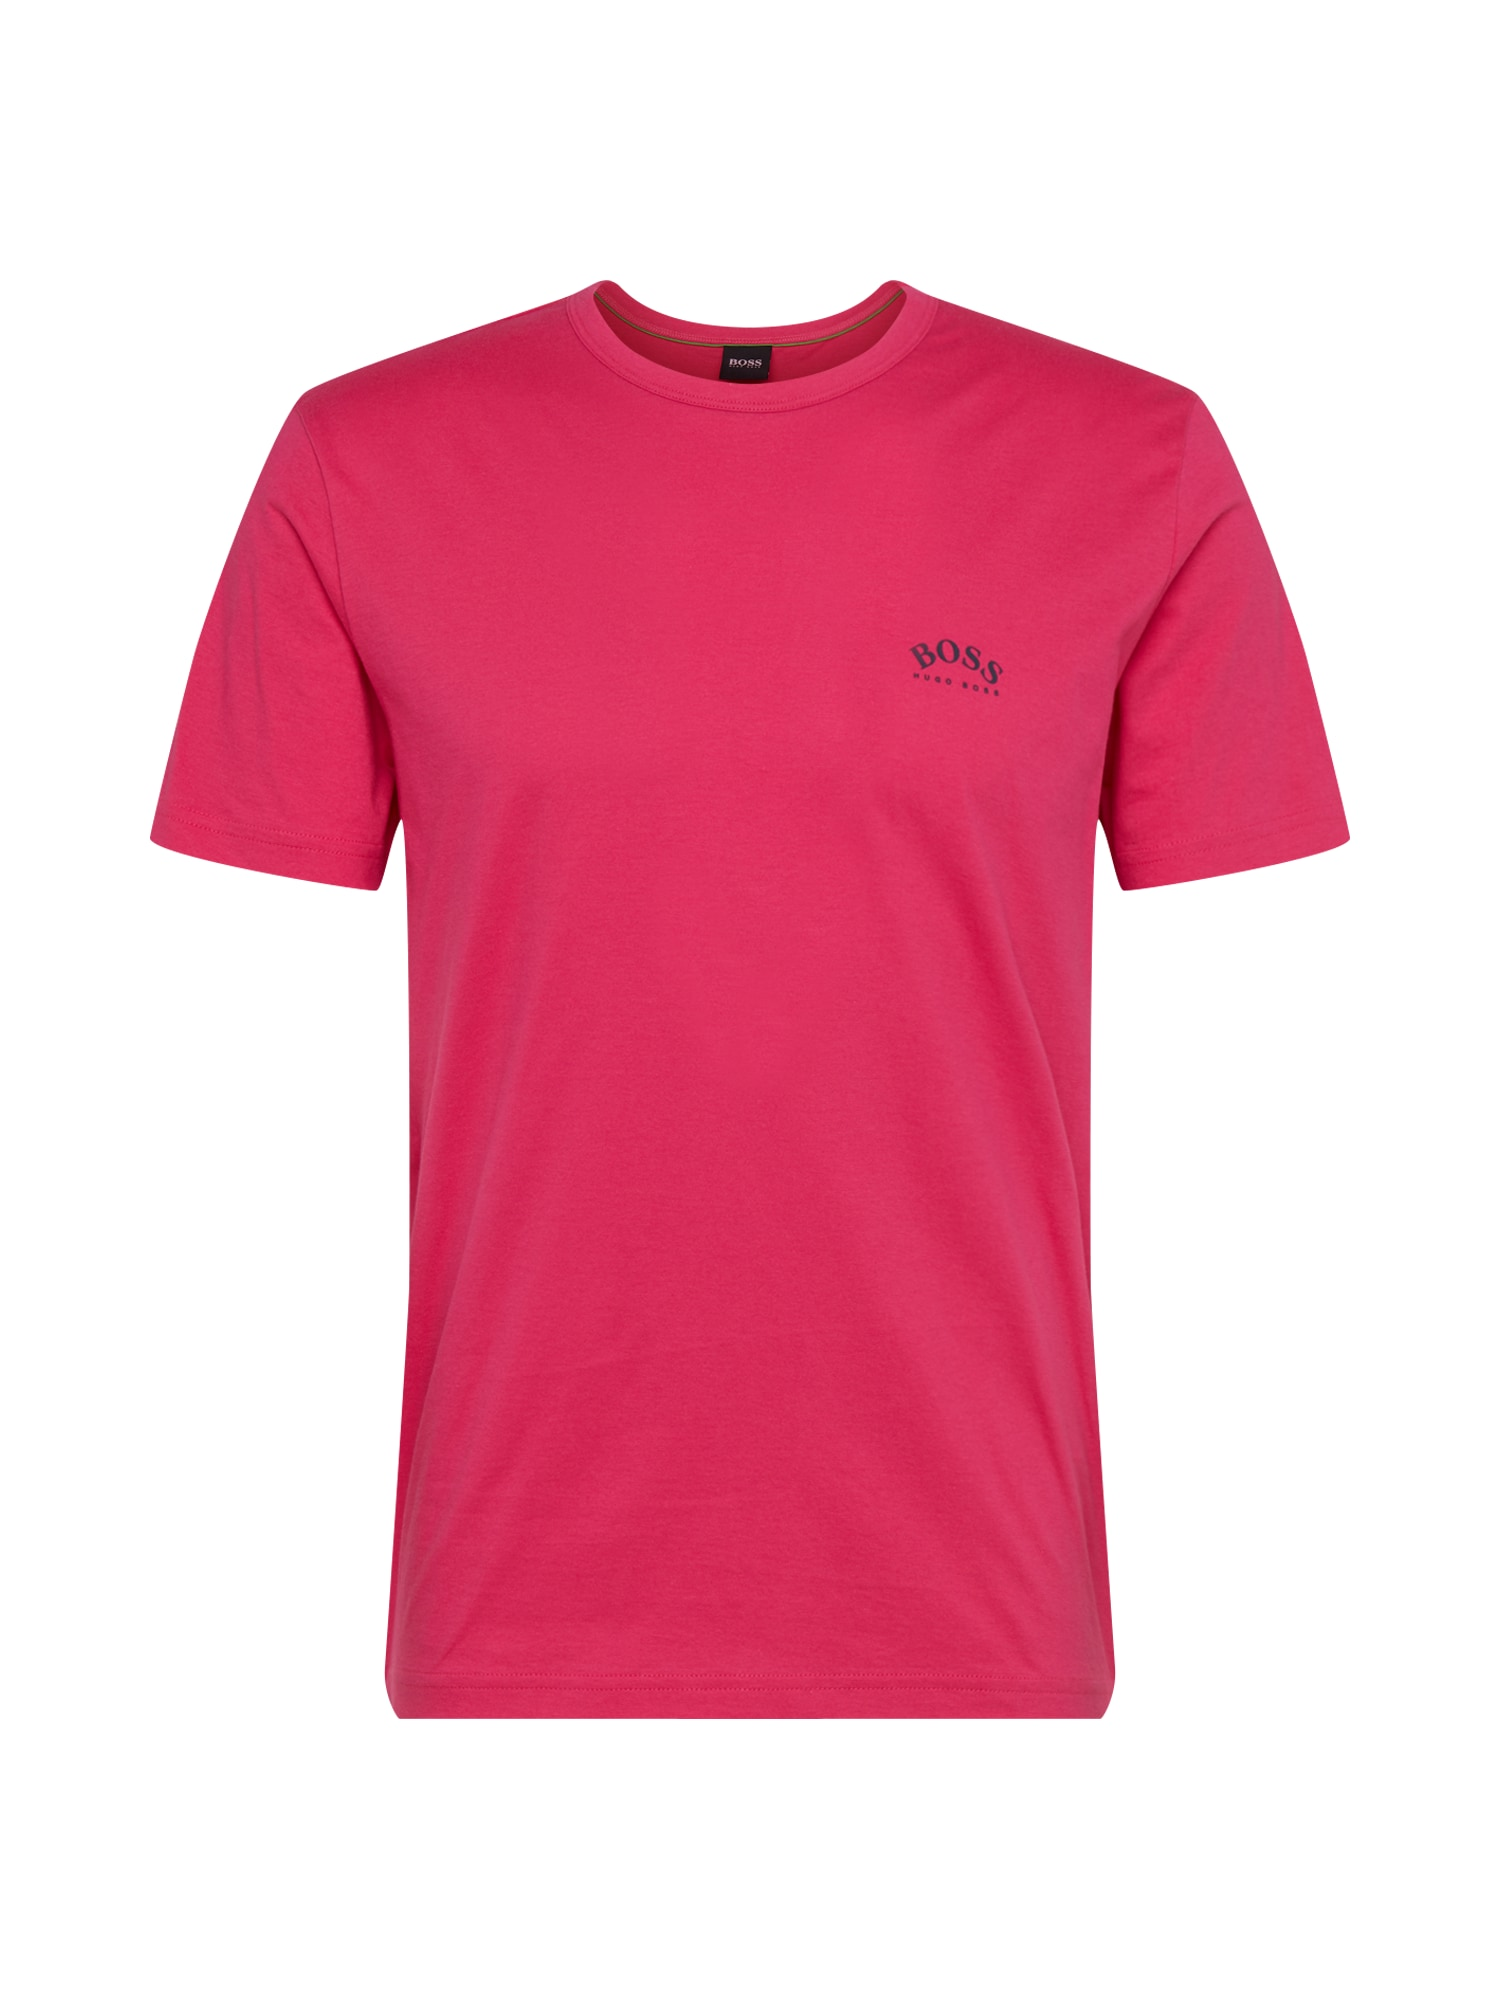 BOSS ATHLEISURE Marškinėliai rožinė